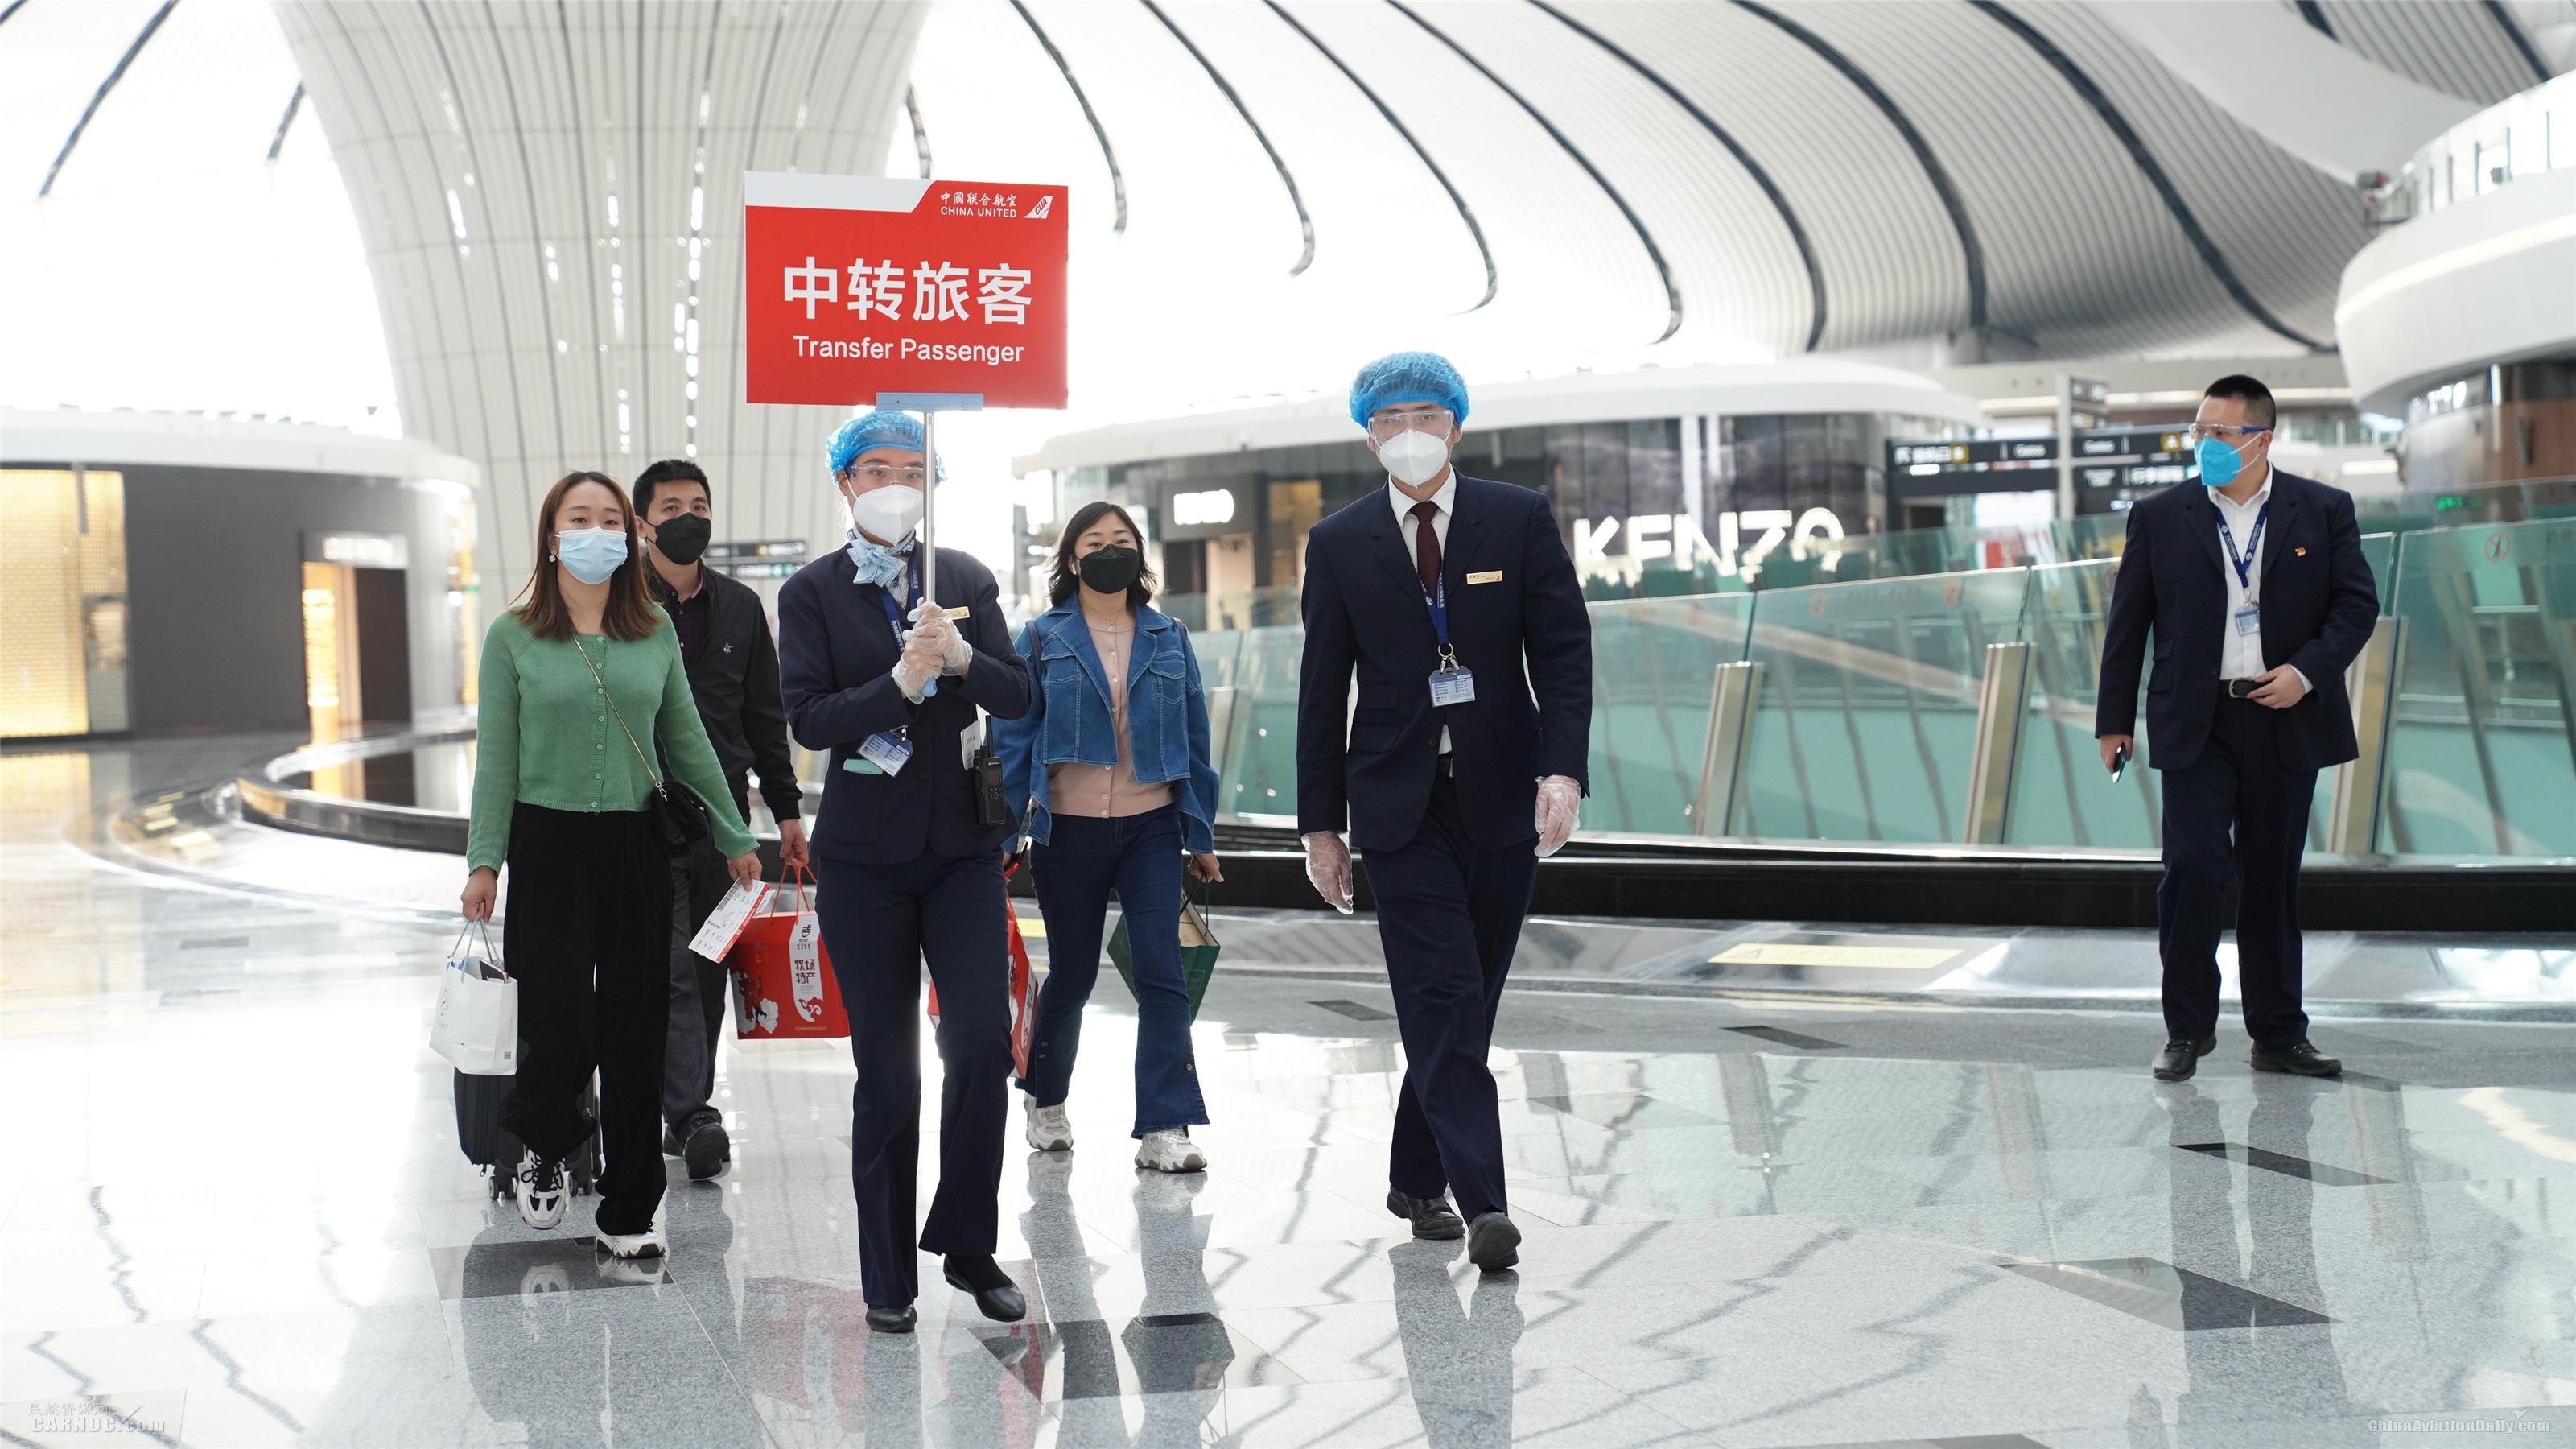 北京大兴国际机场迎来差异化服务中转联程第一人